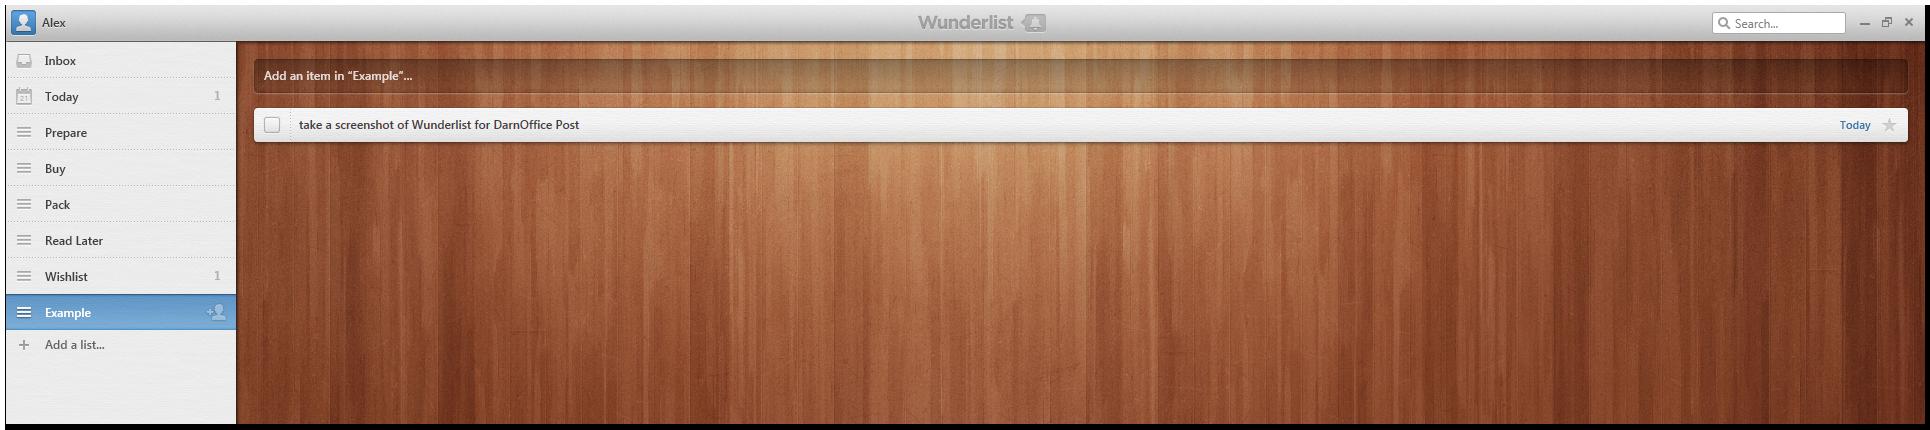 Wunderlist-1